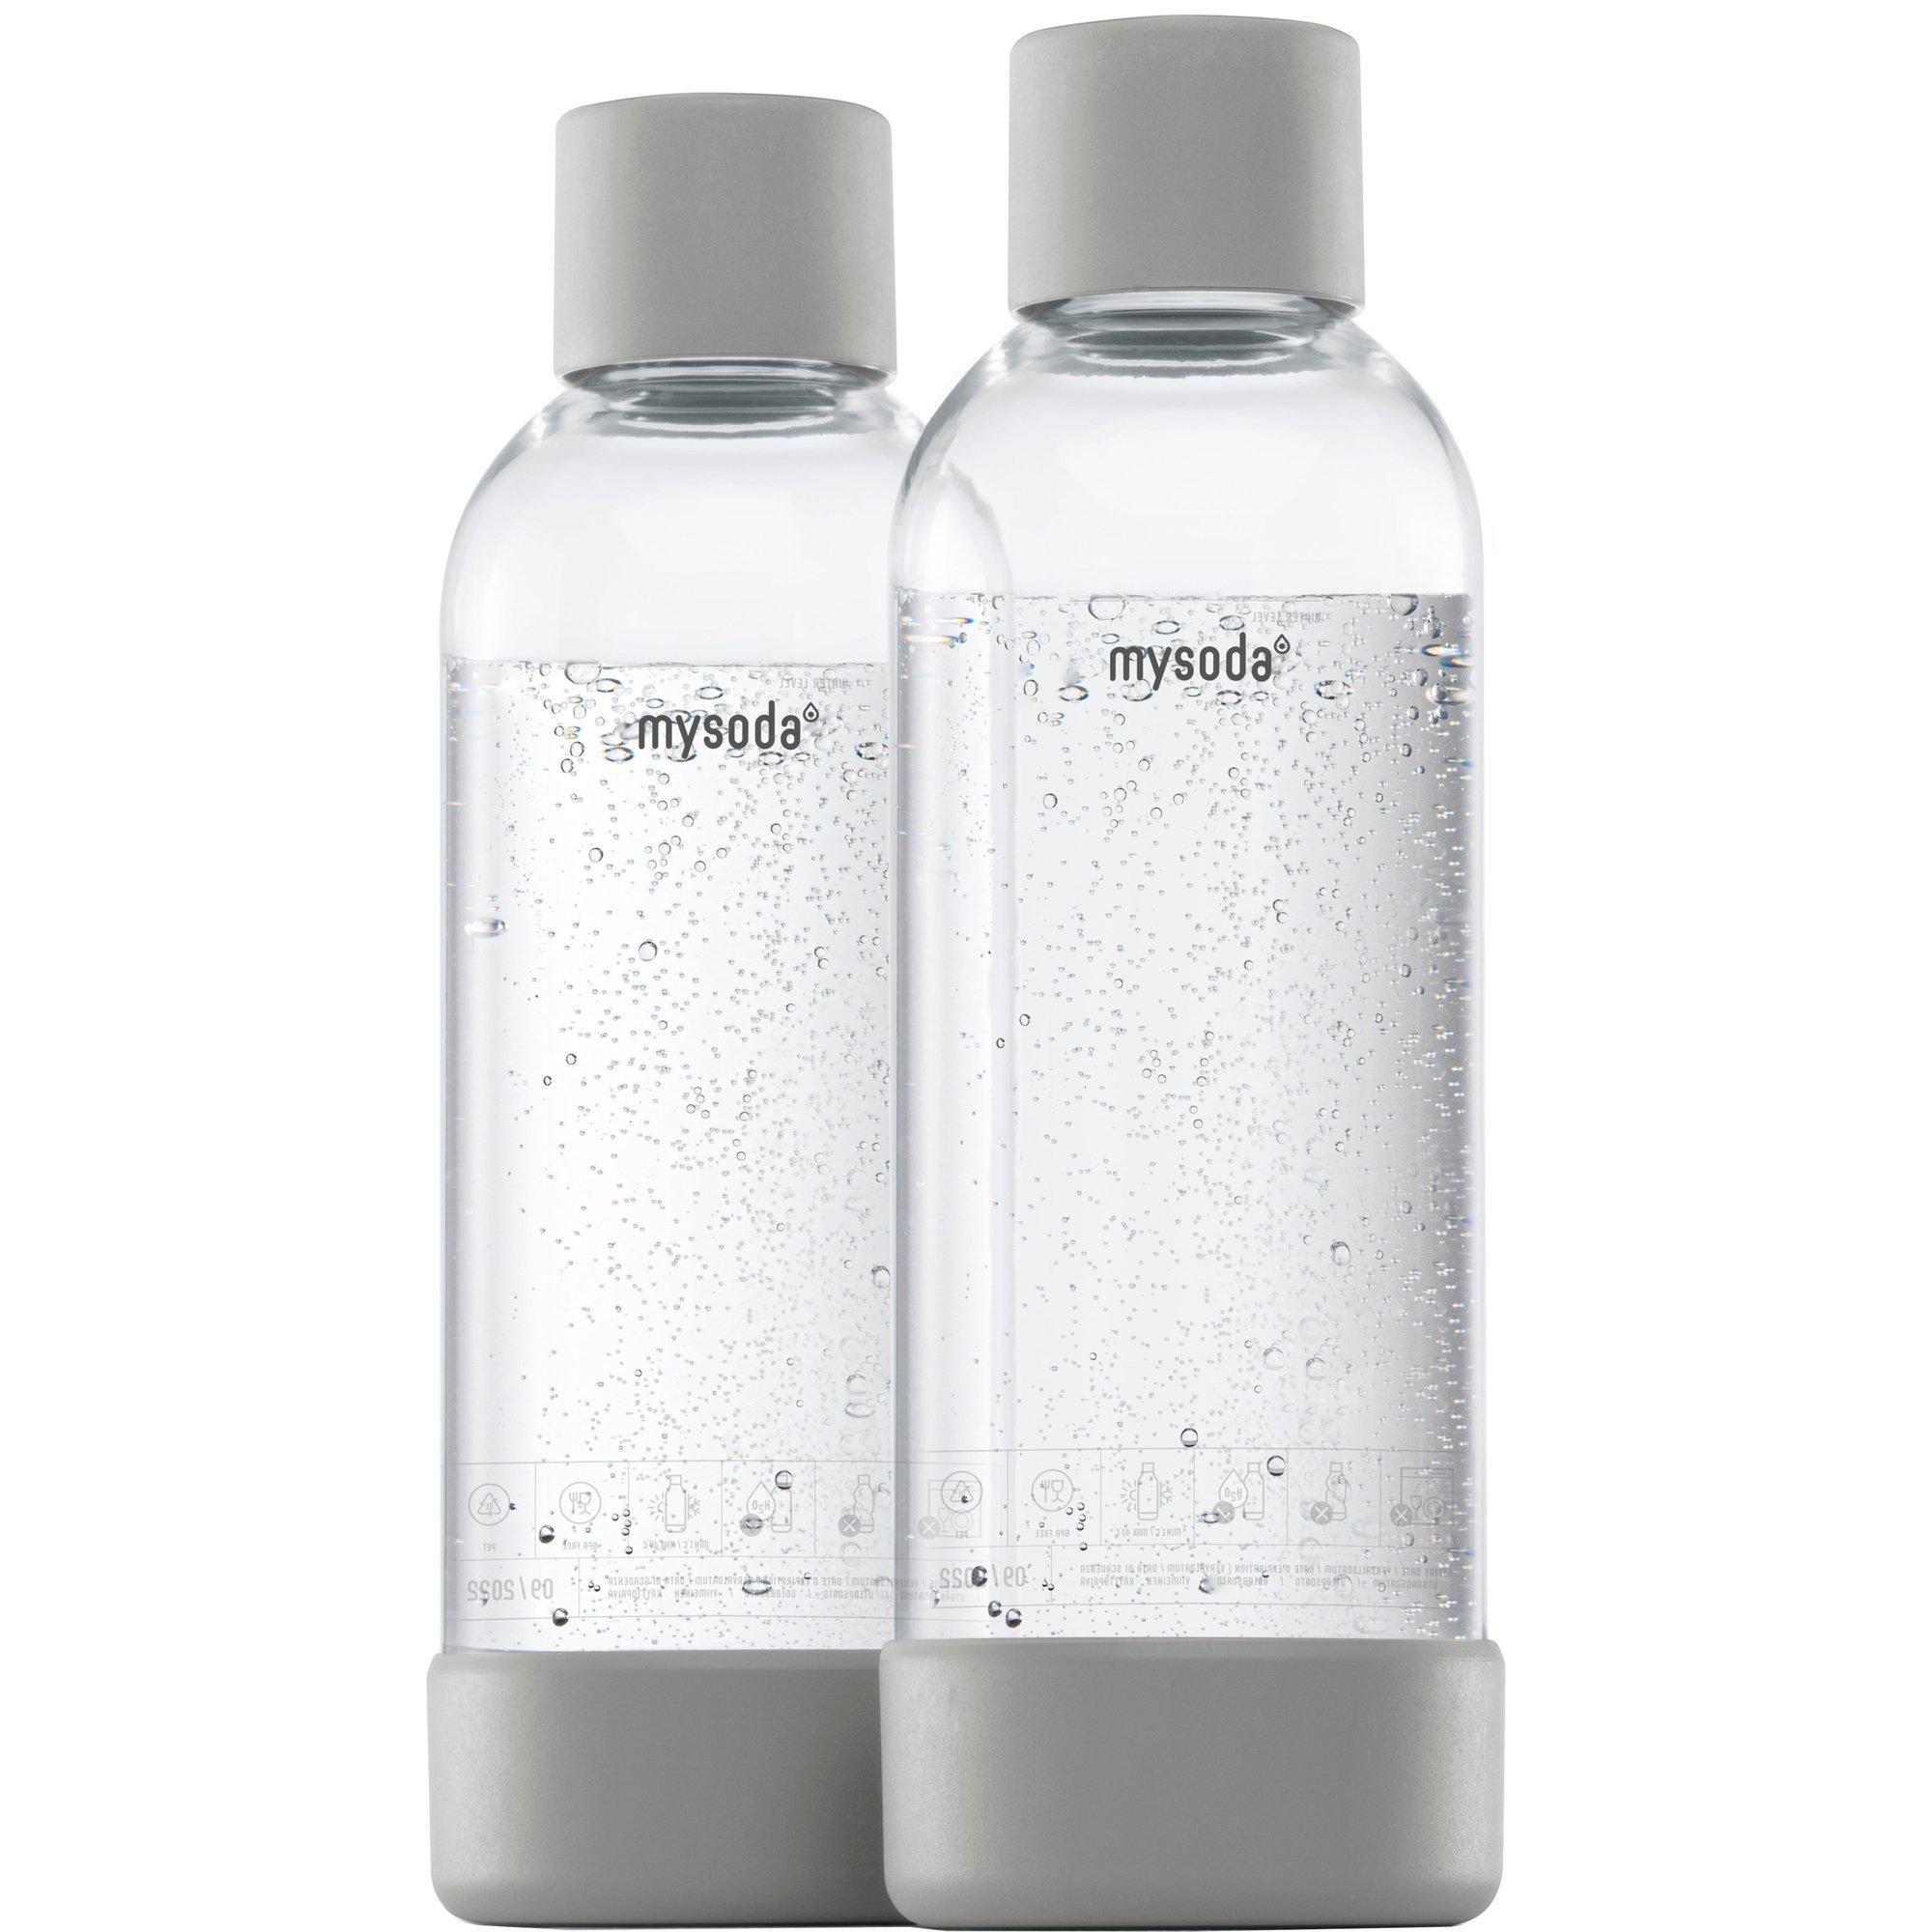 MySoda Vattenflaska 1 liter 2 st. Grå